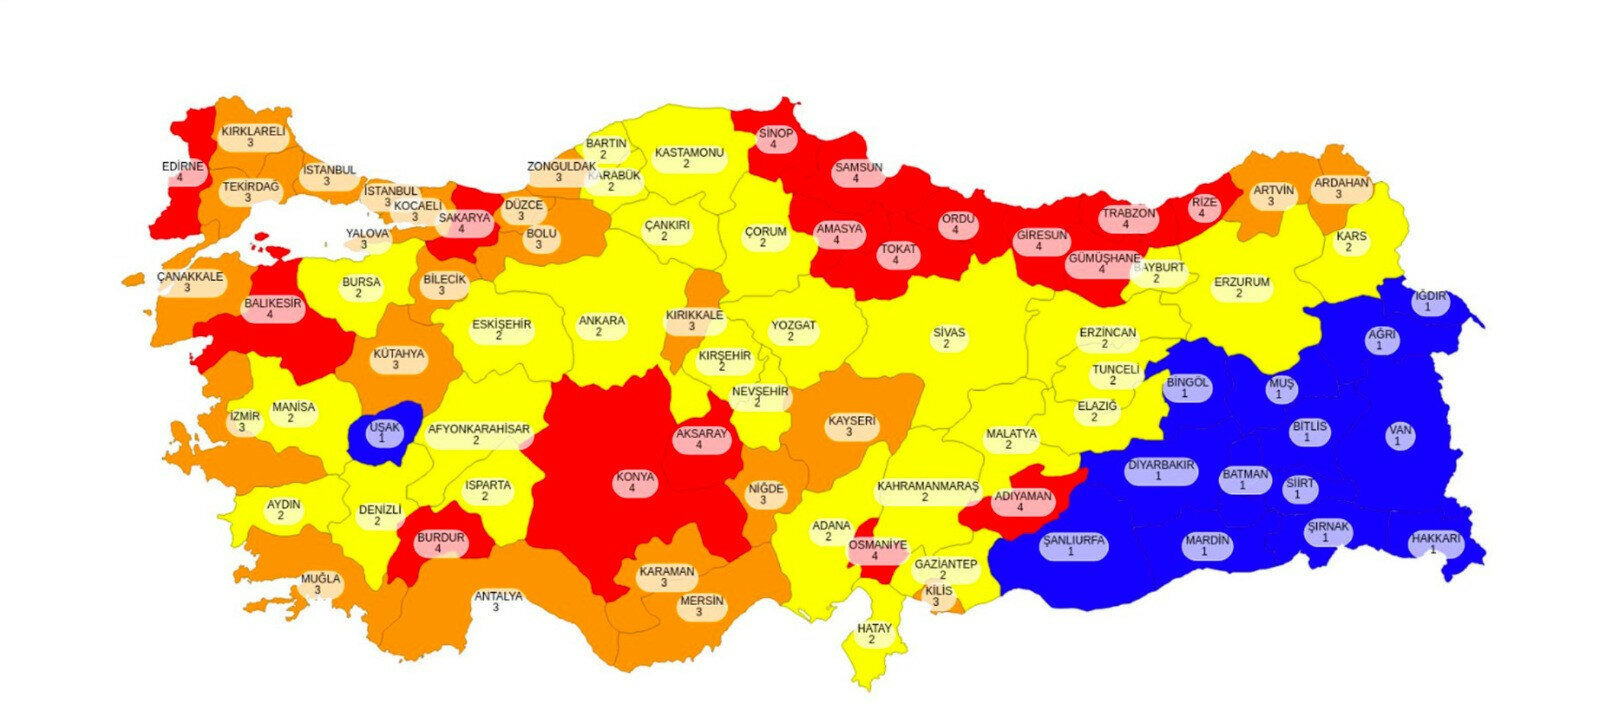 Risk haritası